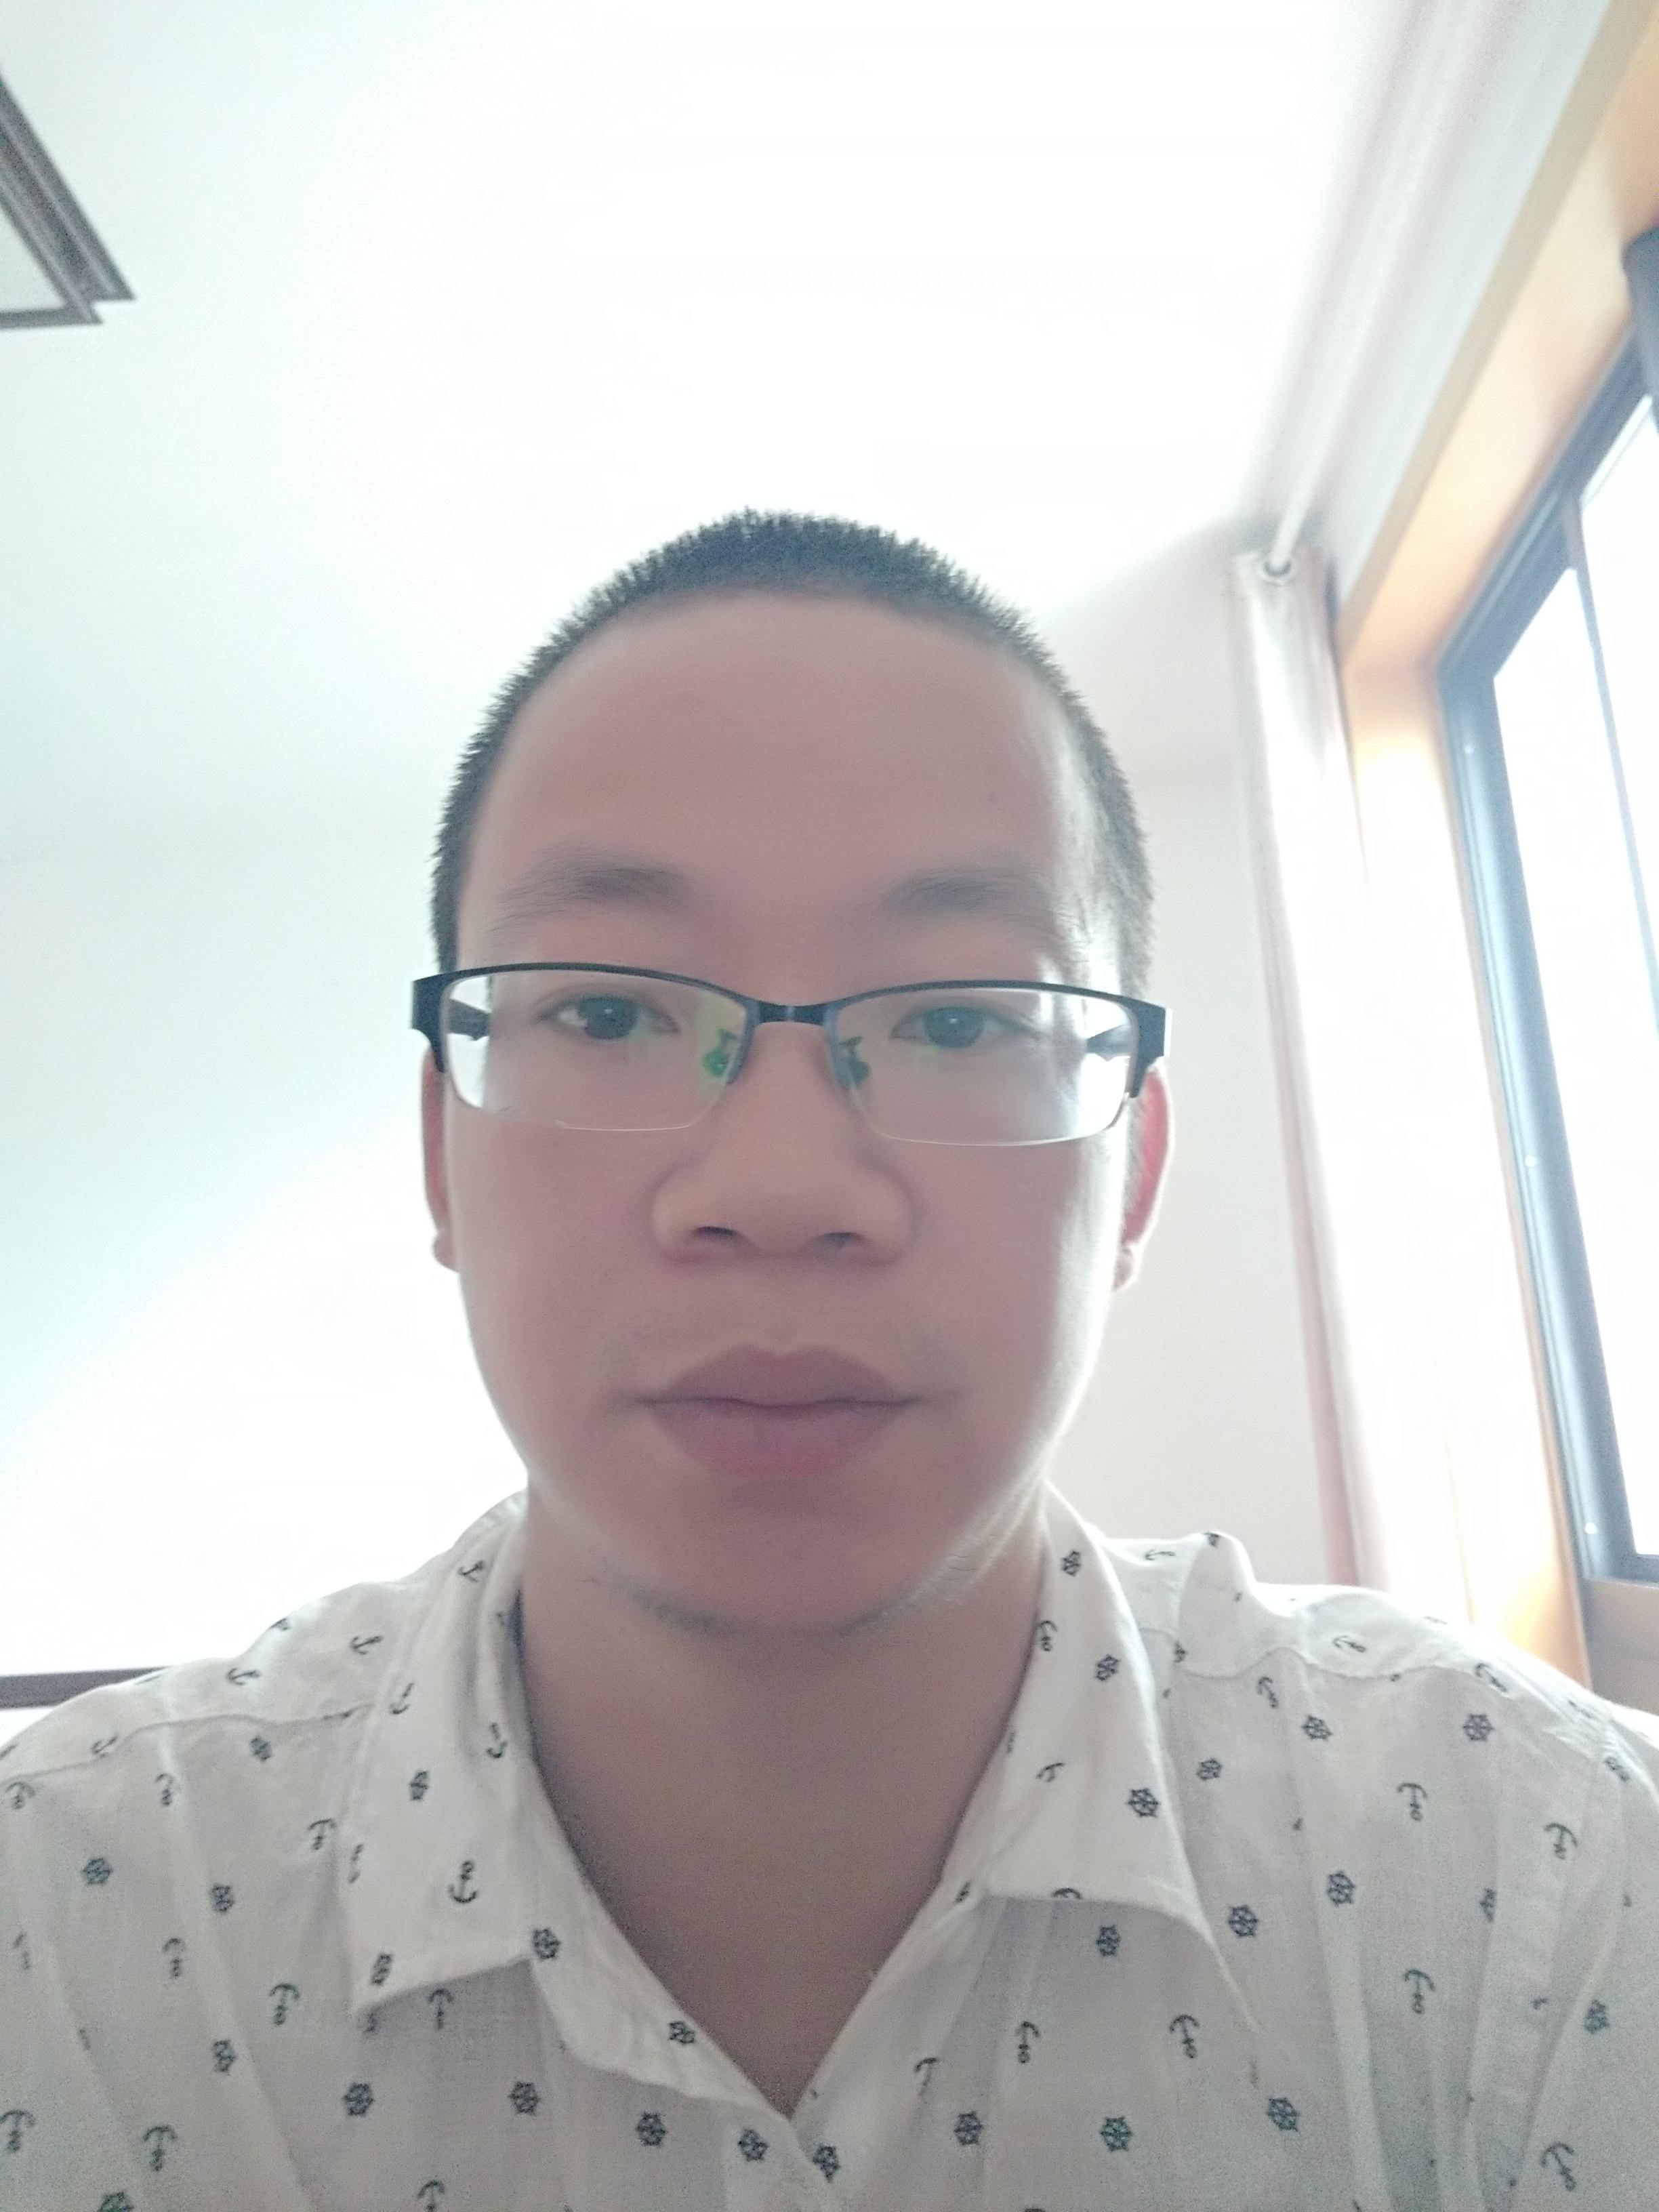 王强_wangqiang_个人资料_图片_最新新闻 - 明星网